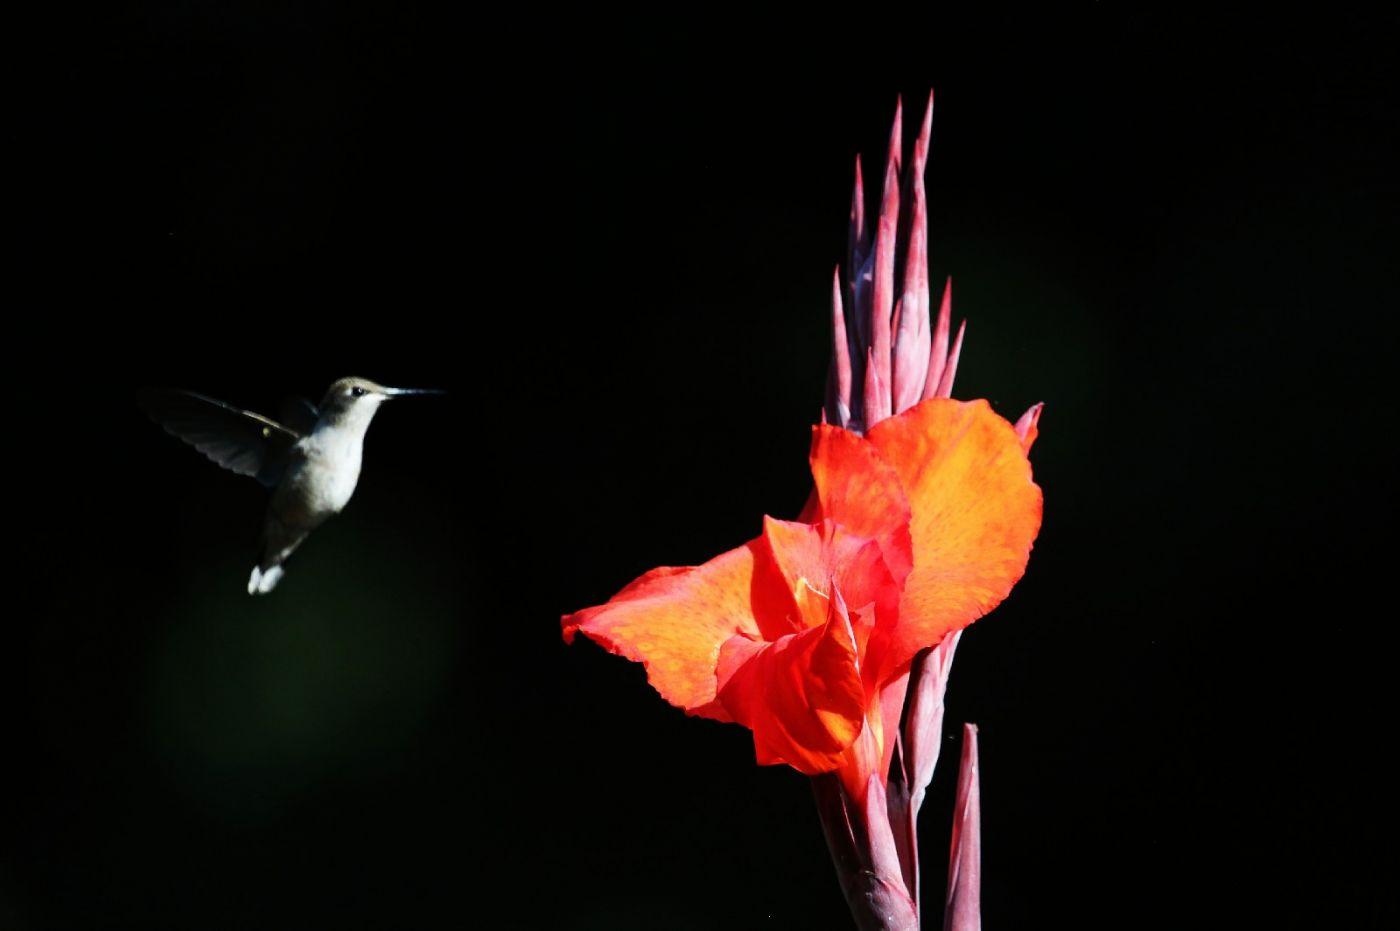 【田螺摄影】在纽约city找蜂鸟拍不难_图1-23